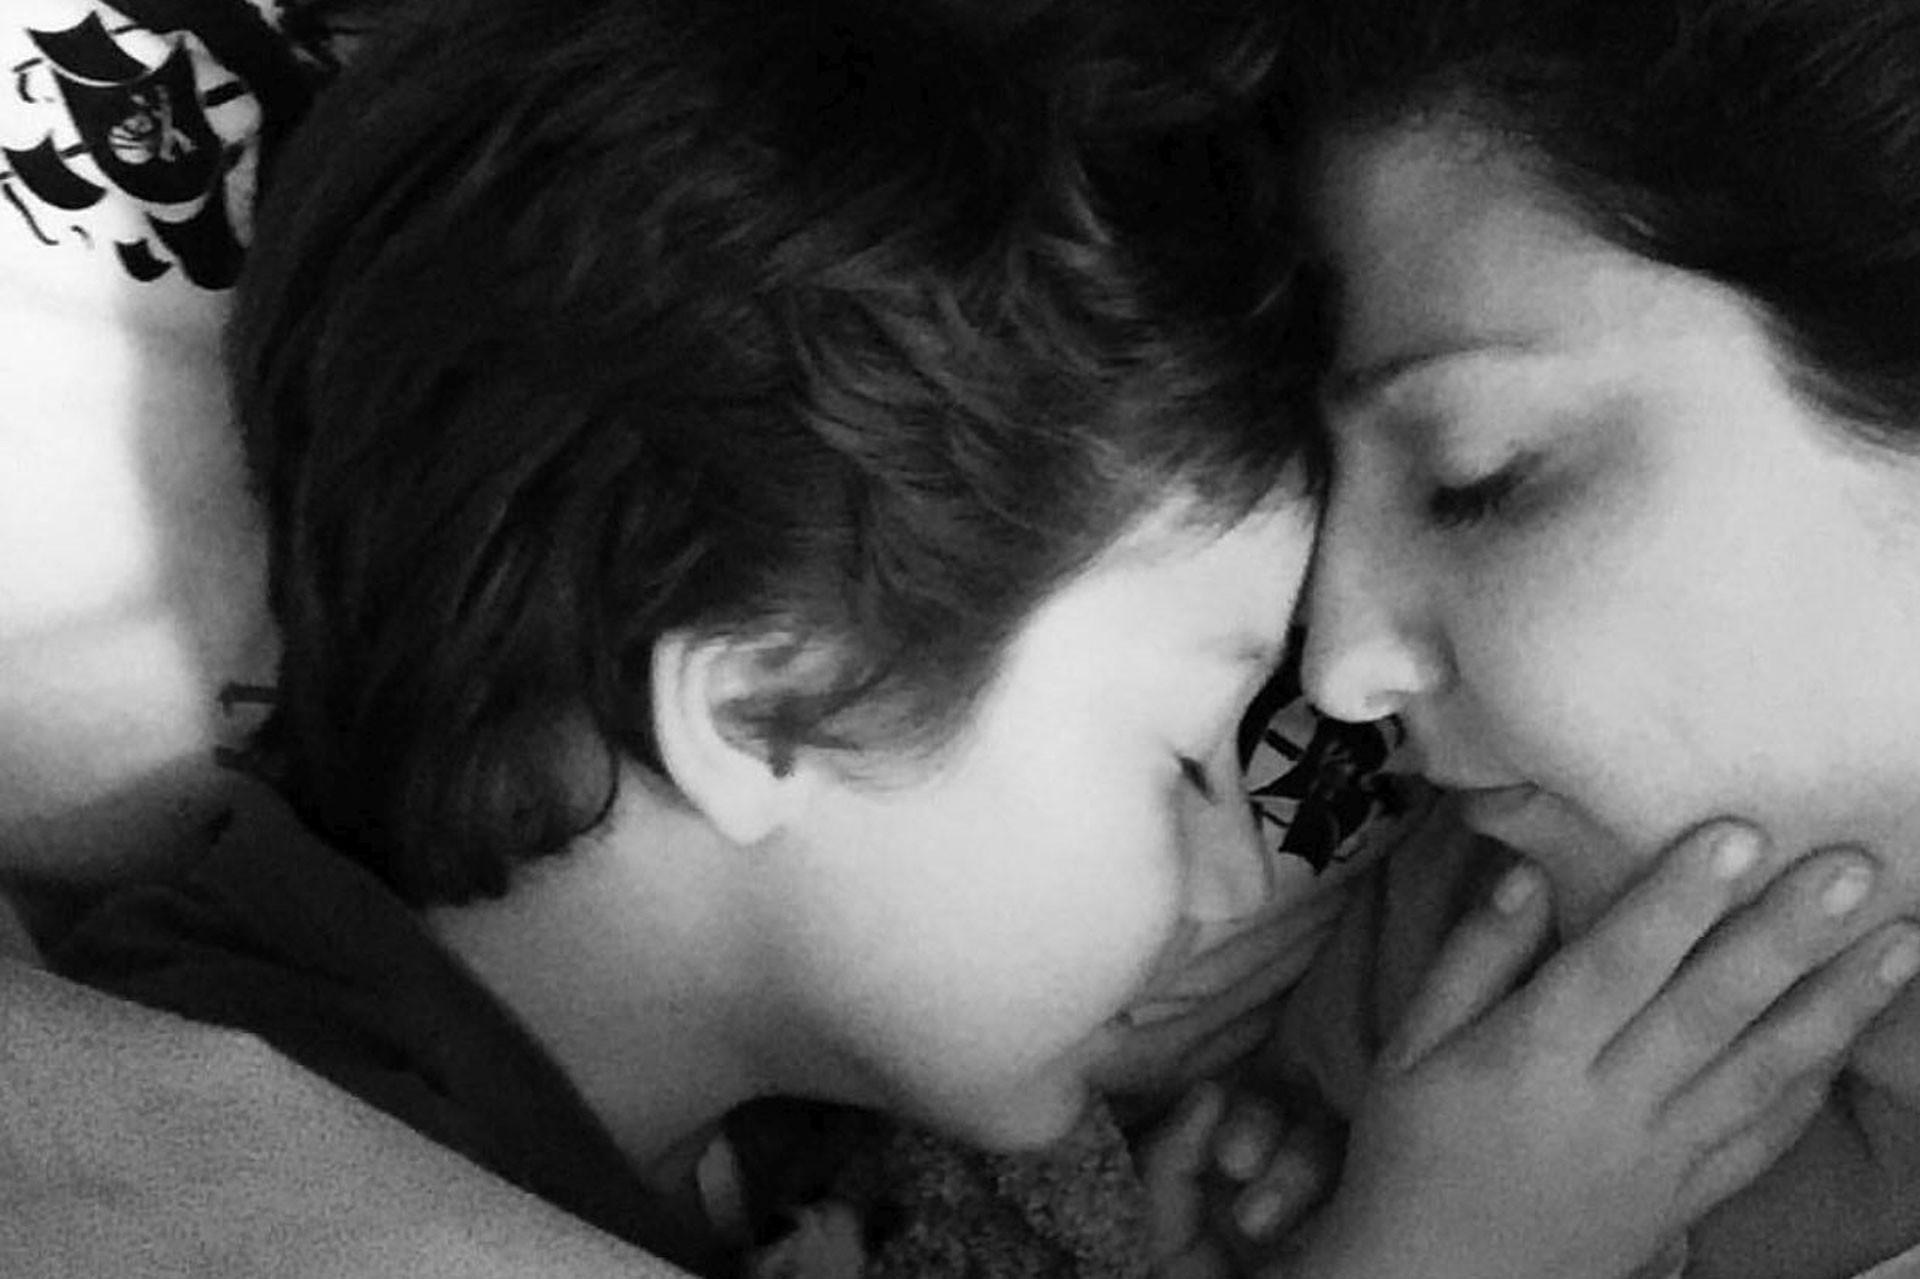 Çorlu tren faciasında 9 yaşındaki oğlu Oğuz Arda Sel'i kaybeden Mısra Öz  adalet arıyor